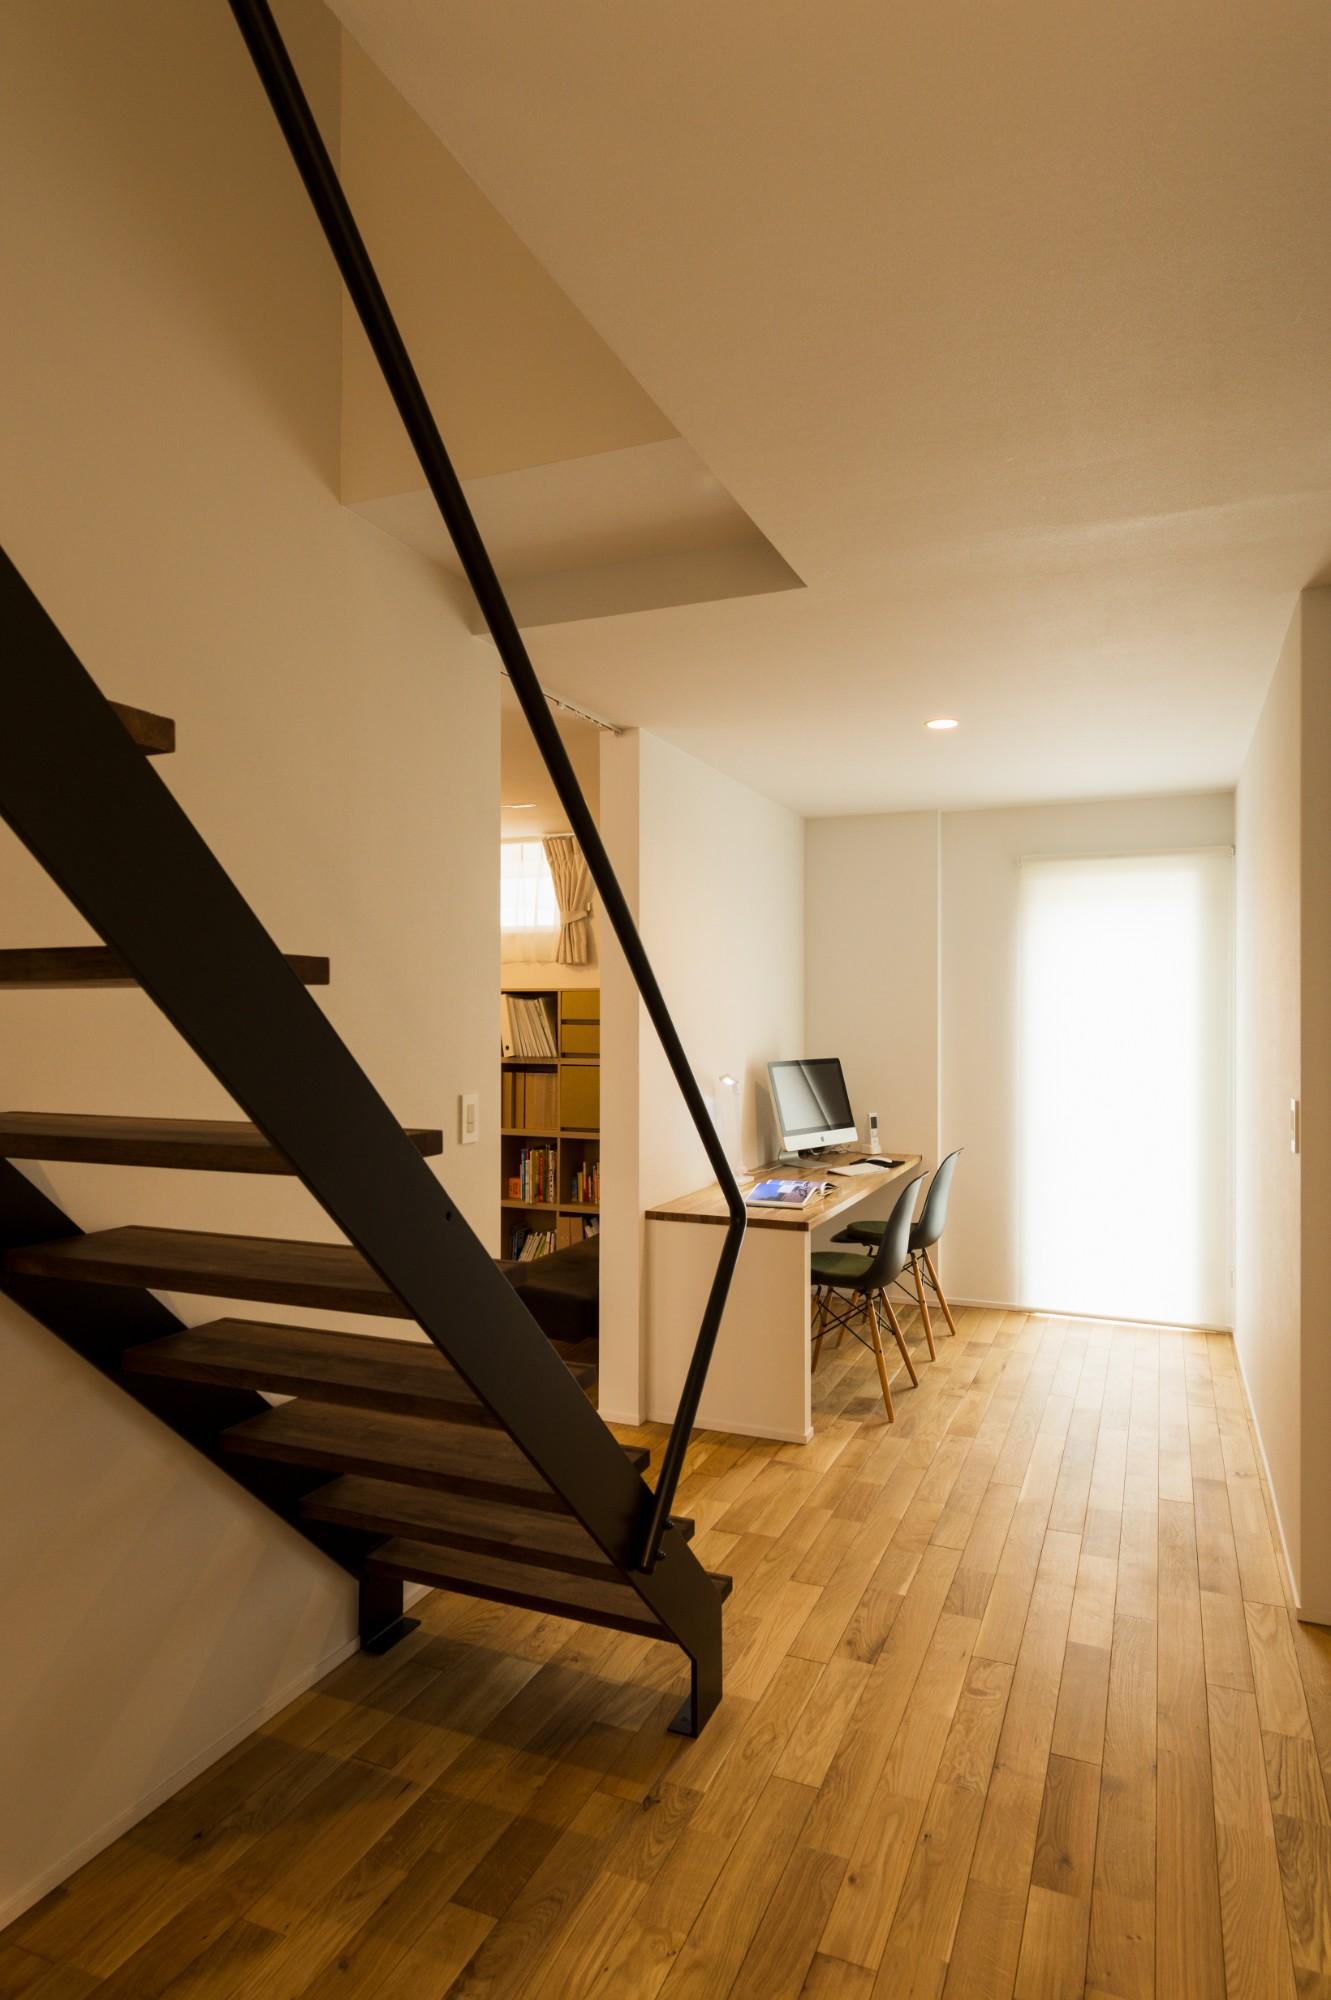 フクダハウジング株式会社「住む人の個性や楽しみを追求した家」のシンプル・ナチュラルな階段の実例写真